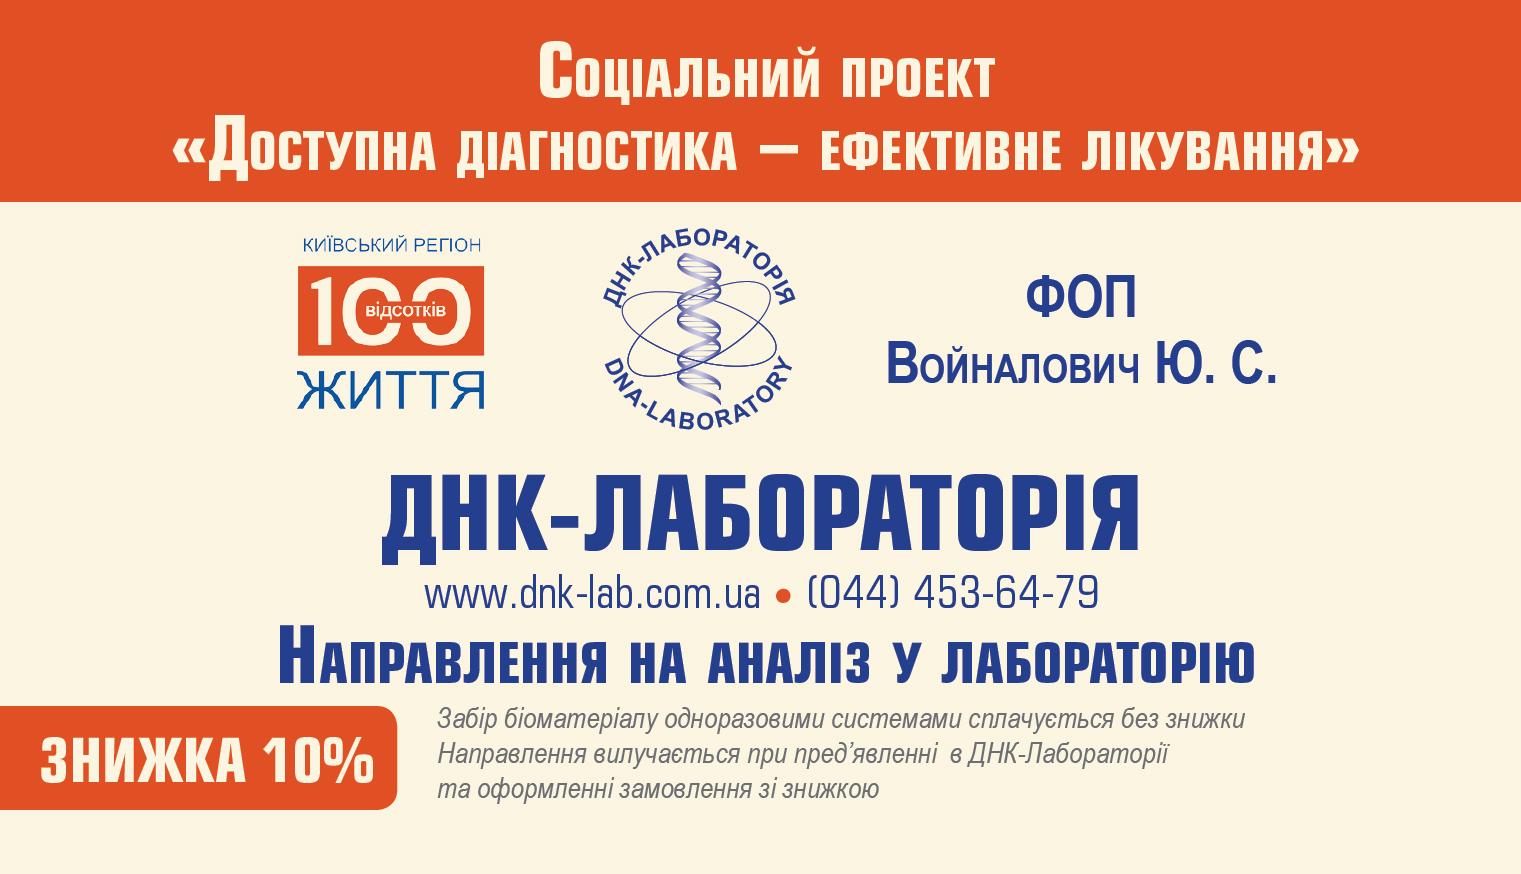 У Києві Пацієнти отримають знижку на діагностику гепатиту С